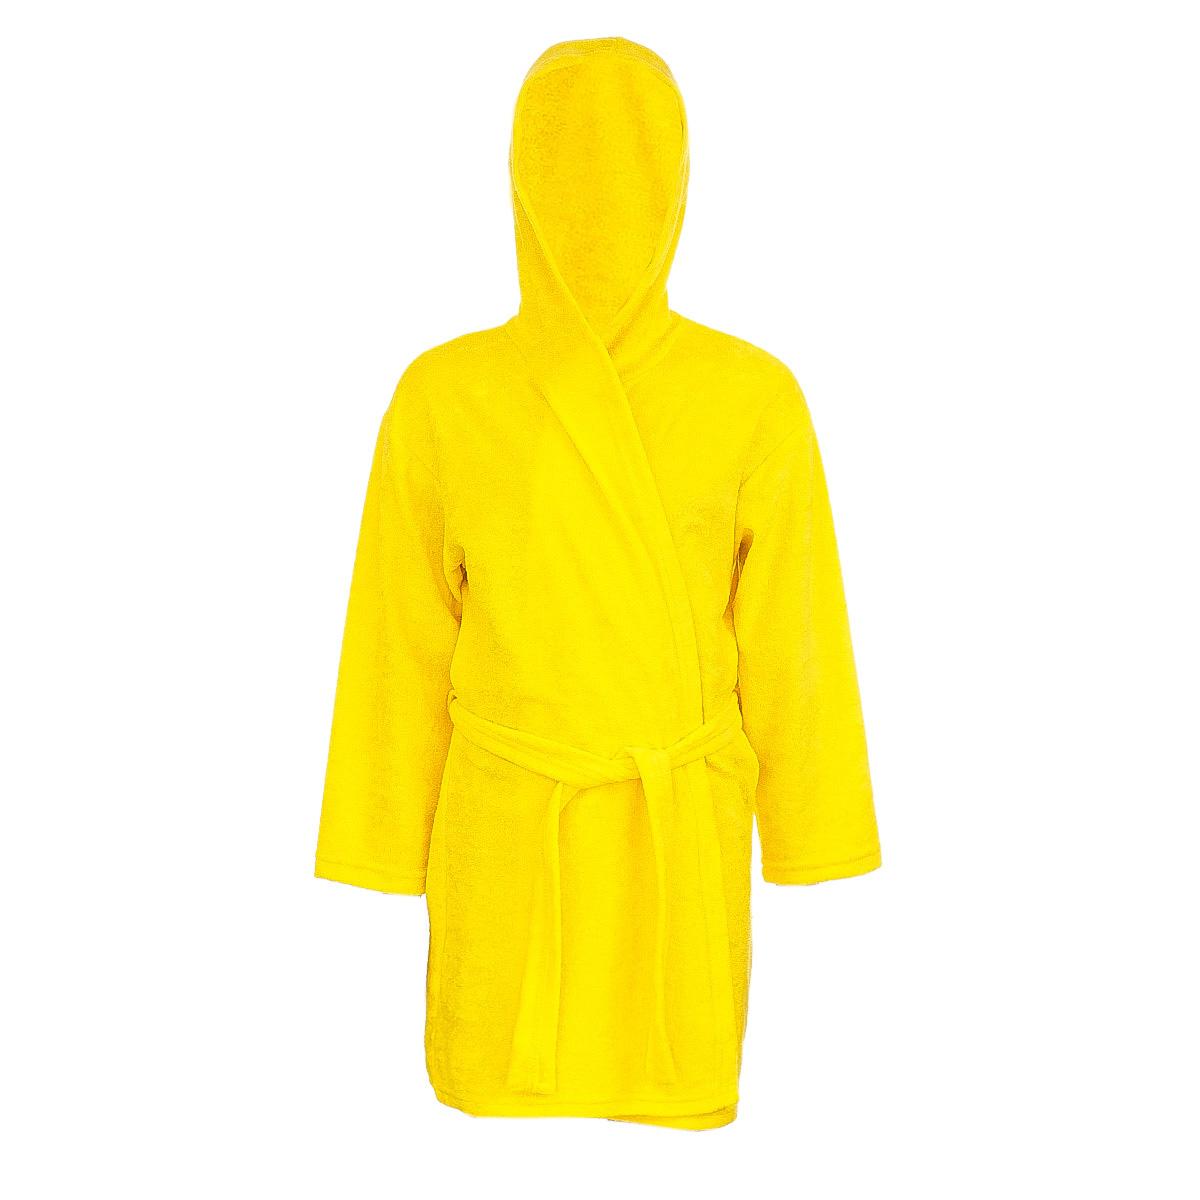 ХалатХ70510Мягкий и пушистый халат от фирмы M&D выполнен из хлопка с добавлением полиэстера, приятен к телу и износоустойчив. Халат можно носить по дому или надевать выходя из ванной. Ткань хорошо впитывает влагу и быстро сохнет. Модель с капюшоном и длинными рукавами оснащена шлёвками и поясом. Изделие понравится ребенку, подарит ему тепло, комфорт и уют.